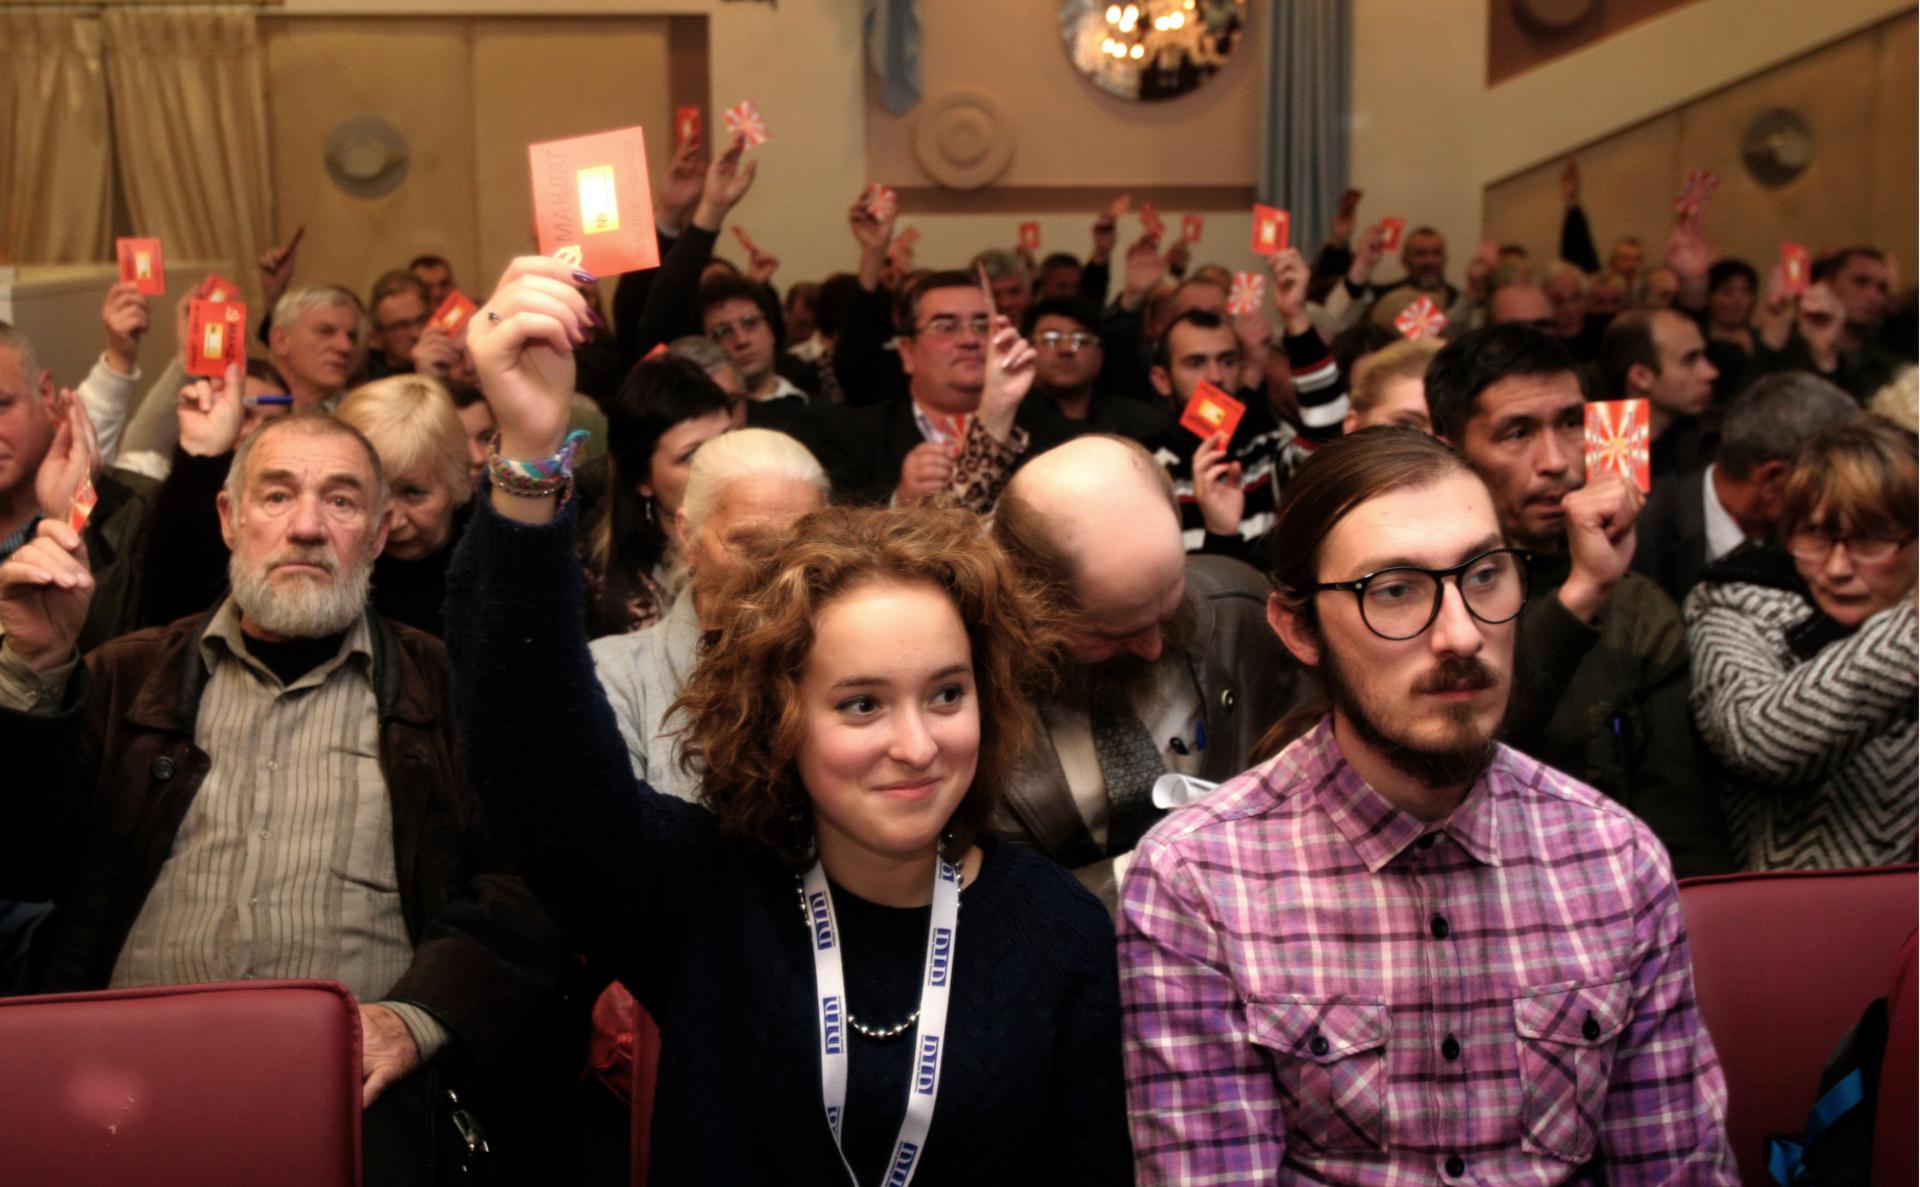 Участники учредительной конференции компартии ДНР. Архив, октябрь 2014 года